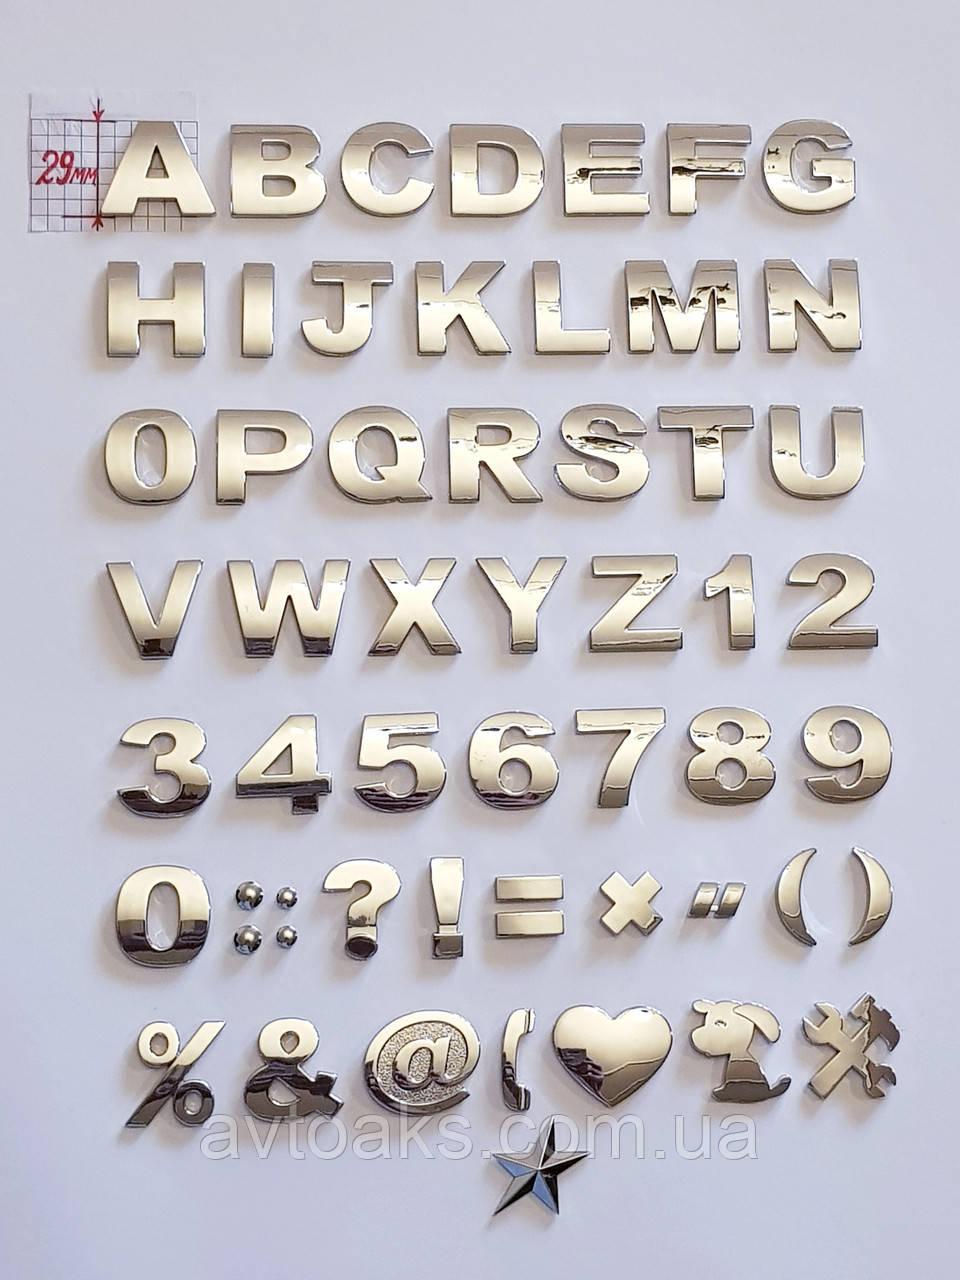 Авто буква, цифра, символ, значок, 3D - хром